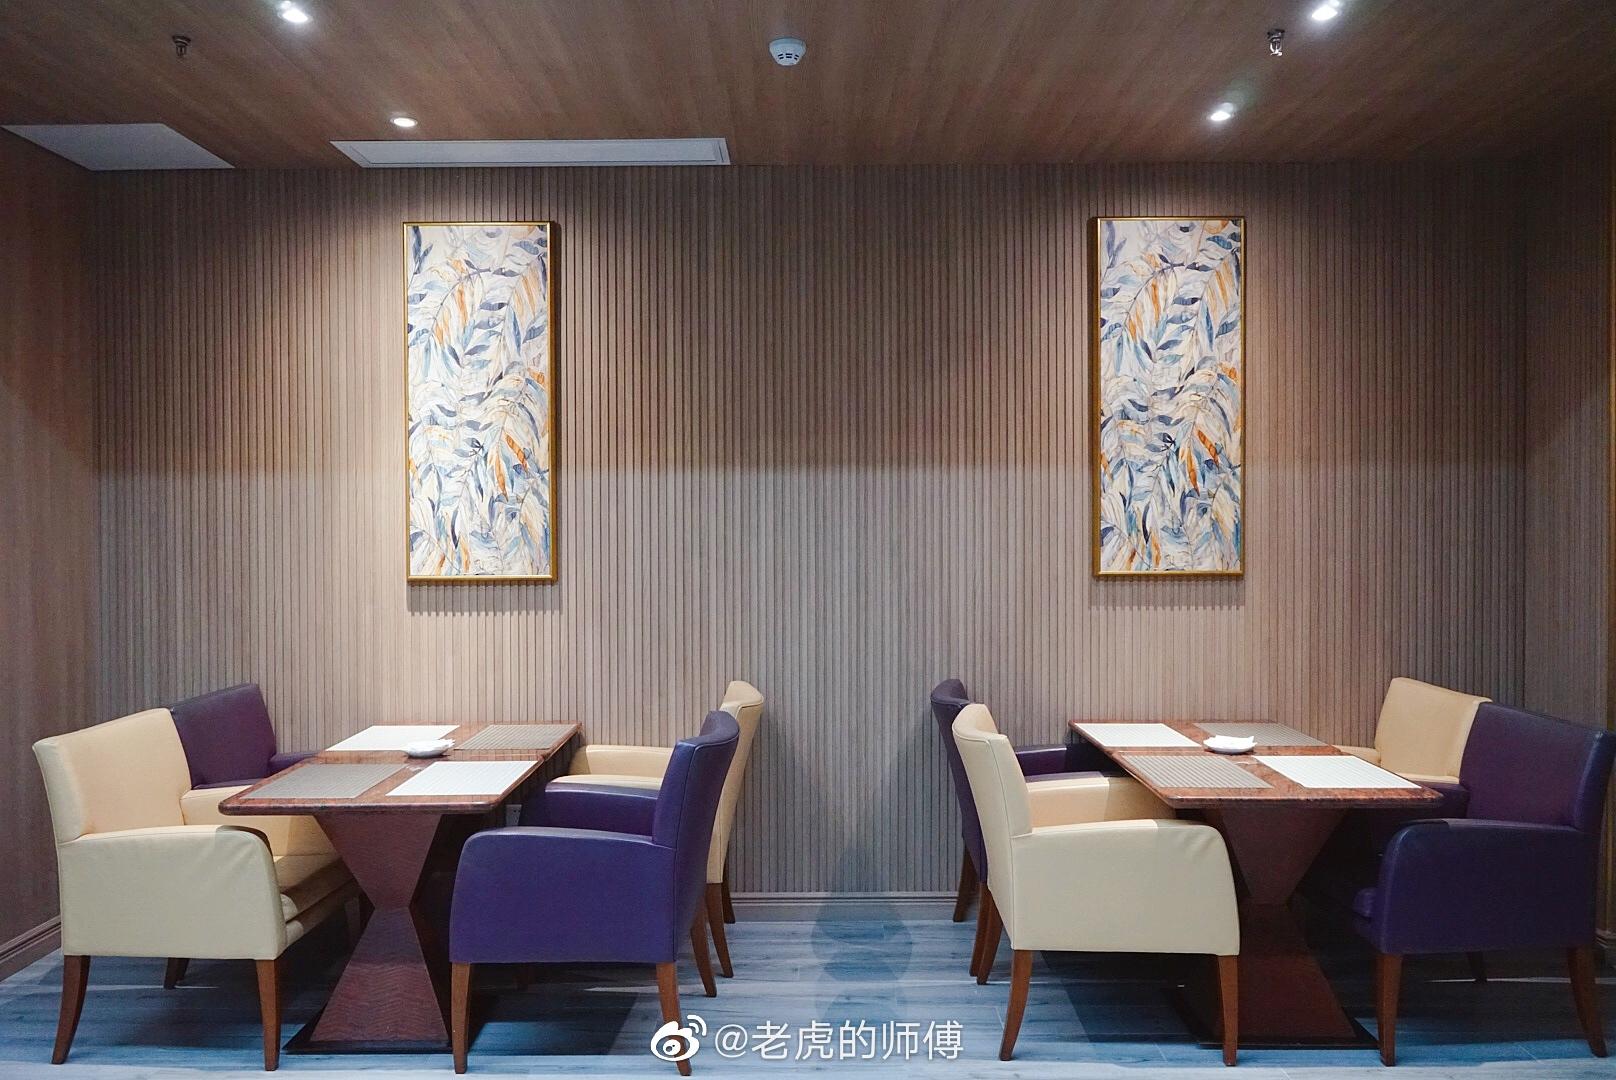 充满怀旧复古气息的厦门海景千禧,行政酒廊搬到了一楼大堂吧边上